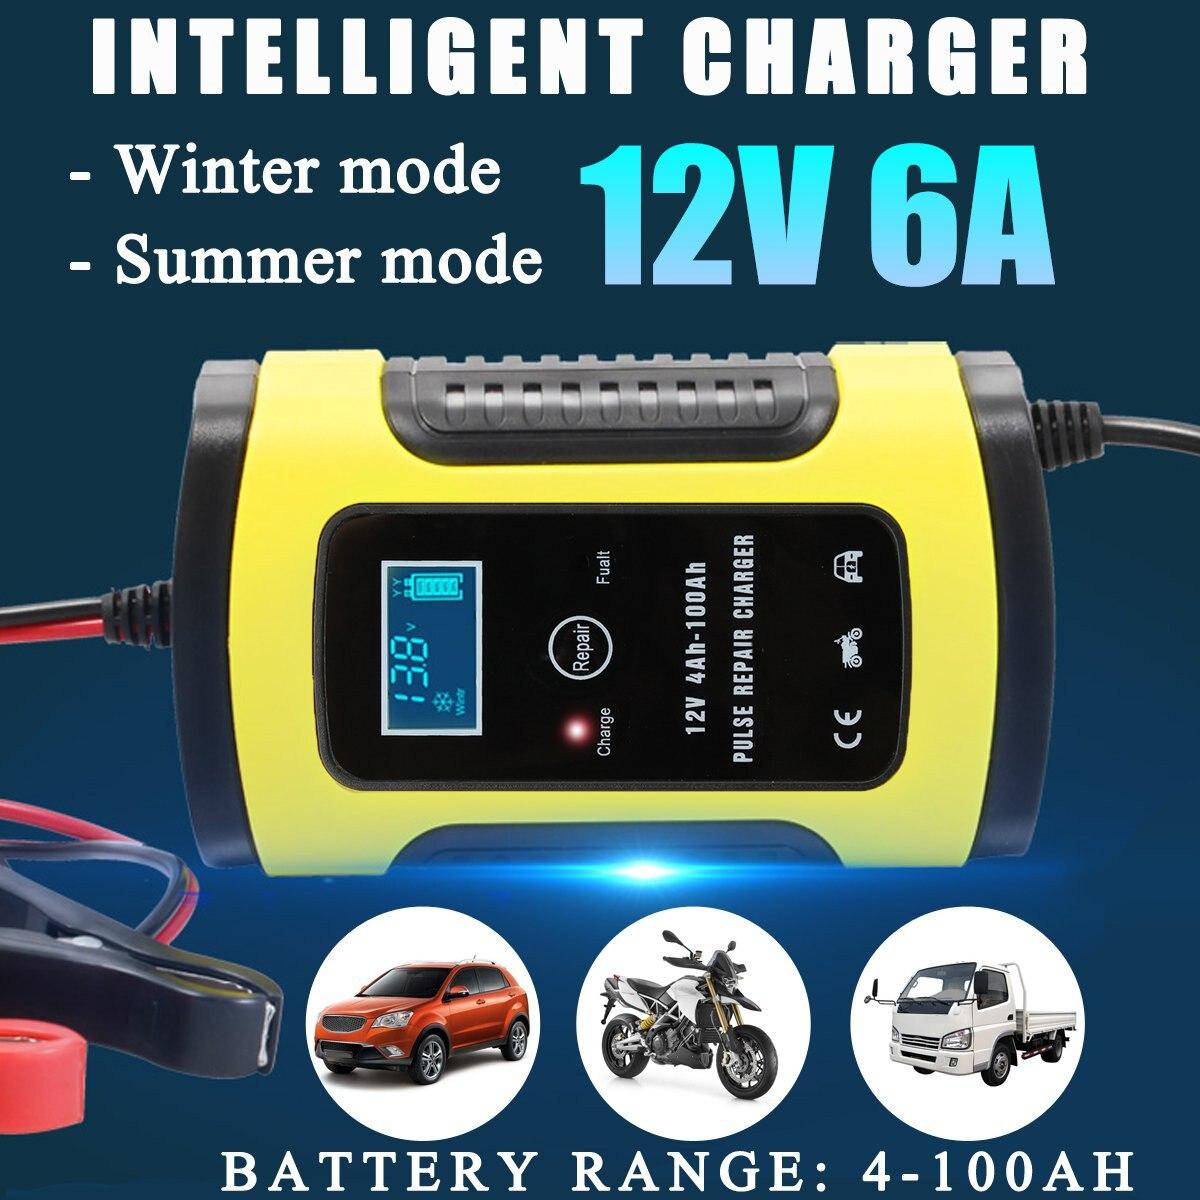 12 فولت 6A إصلاح LCD شاحن بطارية الذكية سريع لسيارة دراجة نارية إصلاح نوع الرصاص الحمضية بطارية Agm هلام بطاريات الرطب شحن